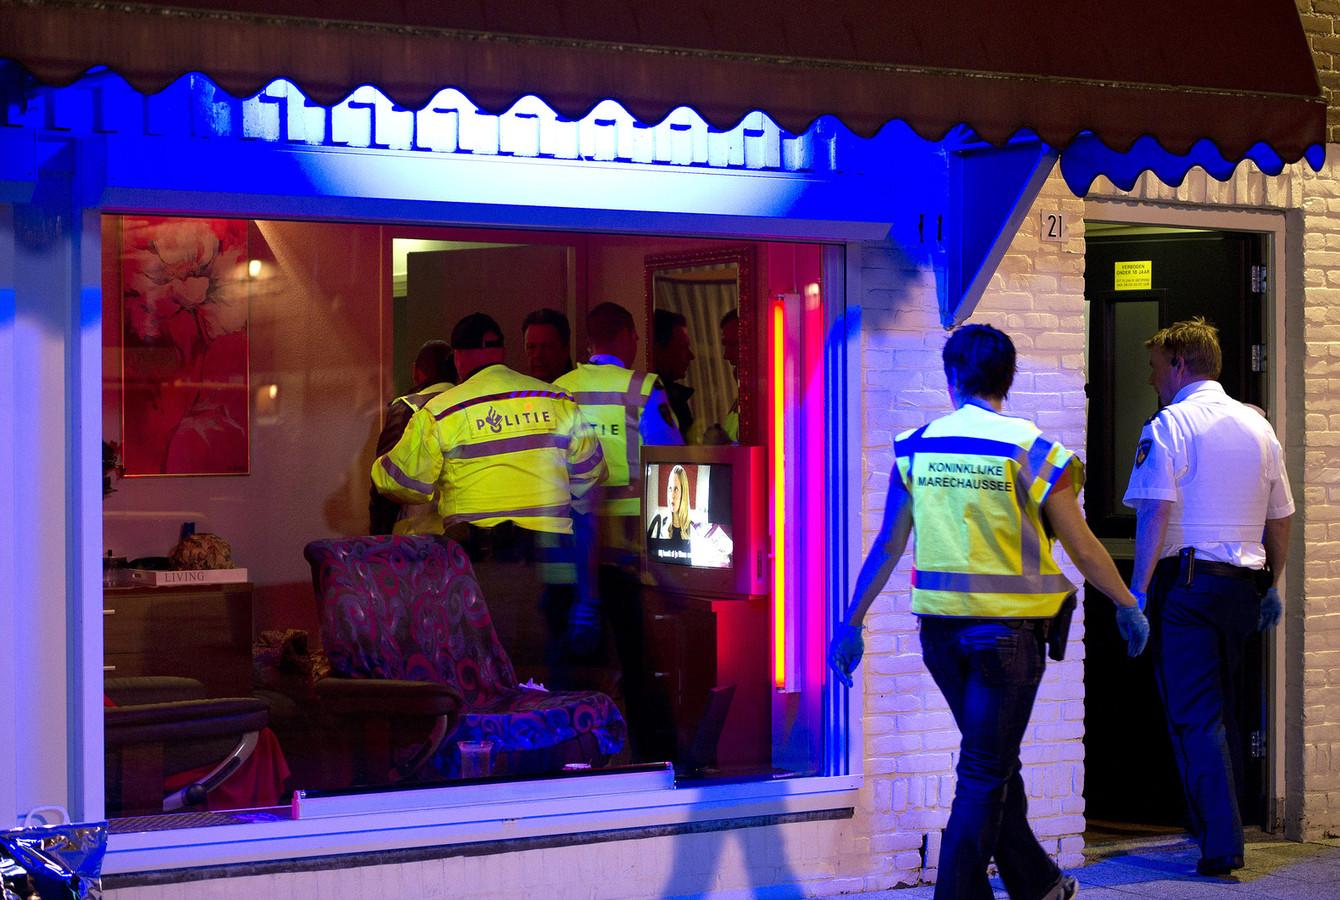 Politieagenten doorzoeken peeskamers op het Baekelandplein in Eindhoven tijdens een grote internationale actie tegen mensenhandel.